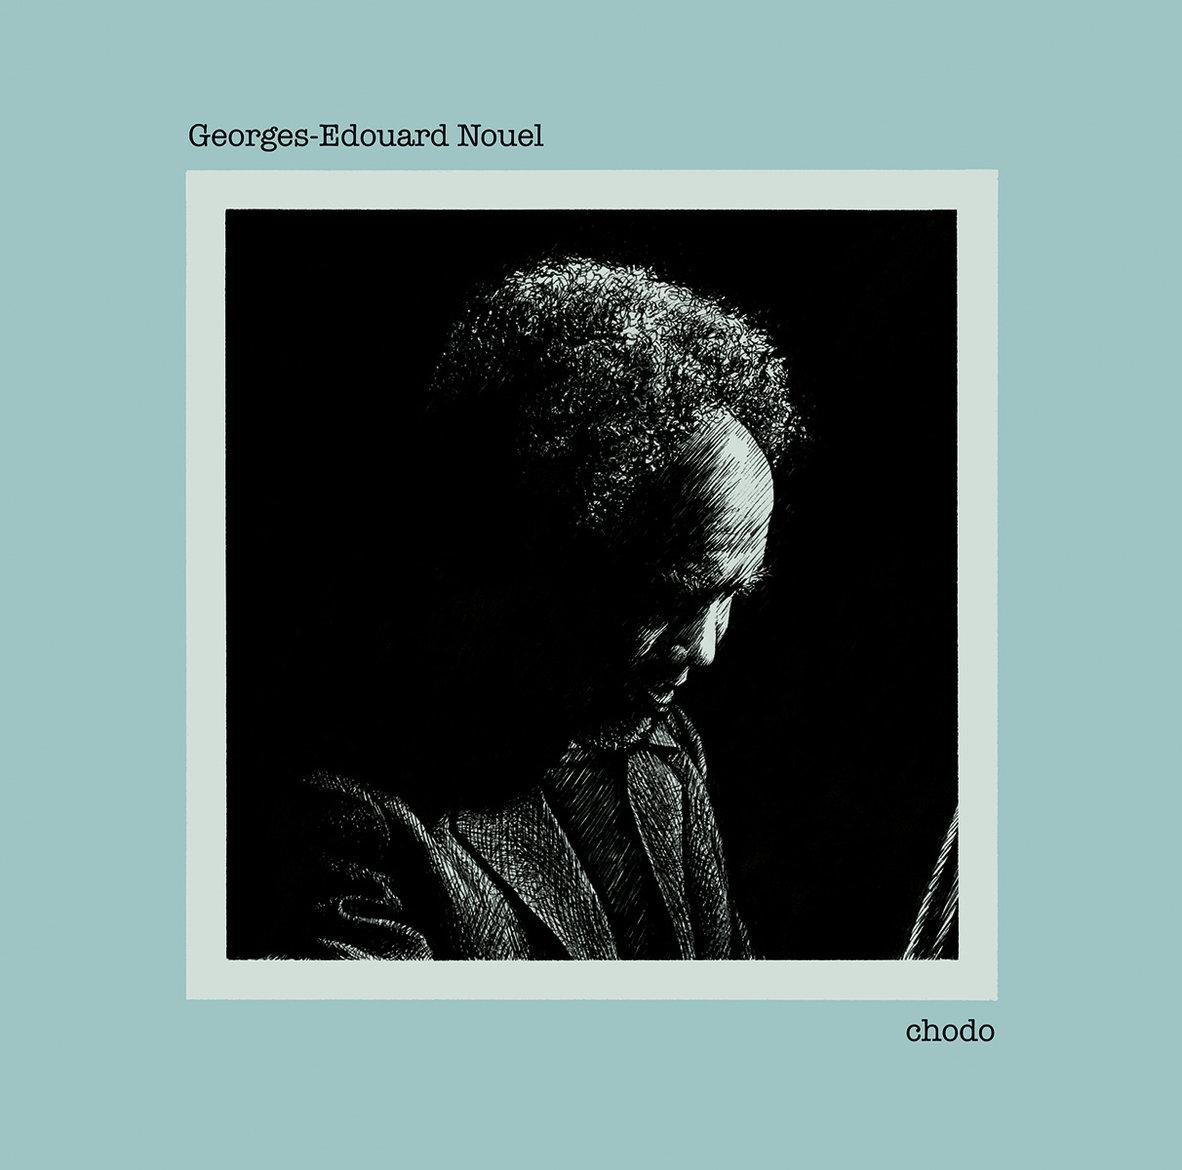 Единственный сольный альбом визионера фри-джаза Джорджеса-Эдуарда Нуэля «Chodo» был впервые переиздан